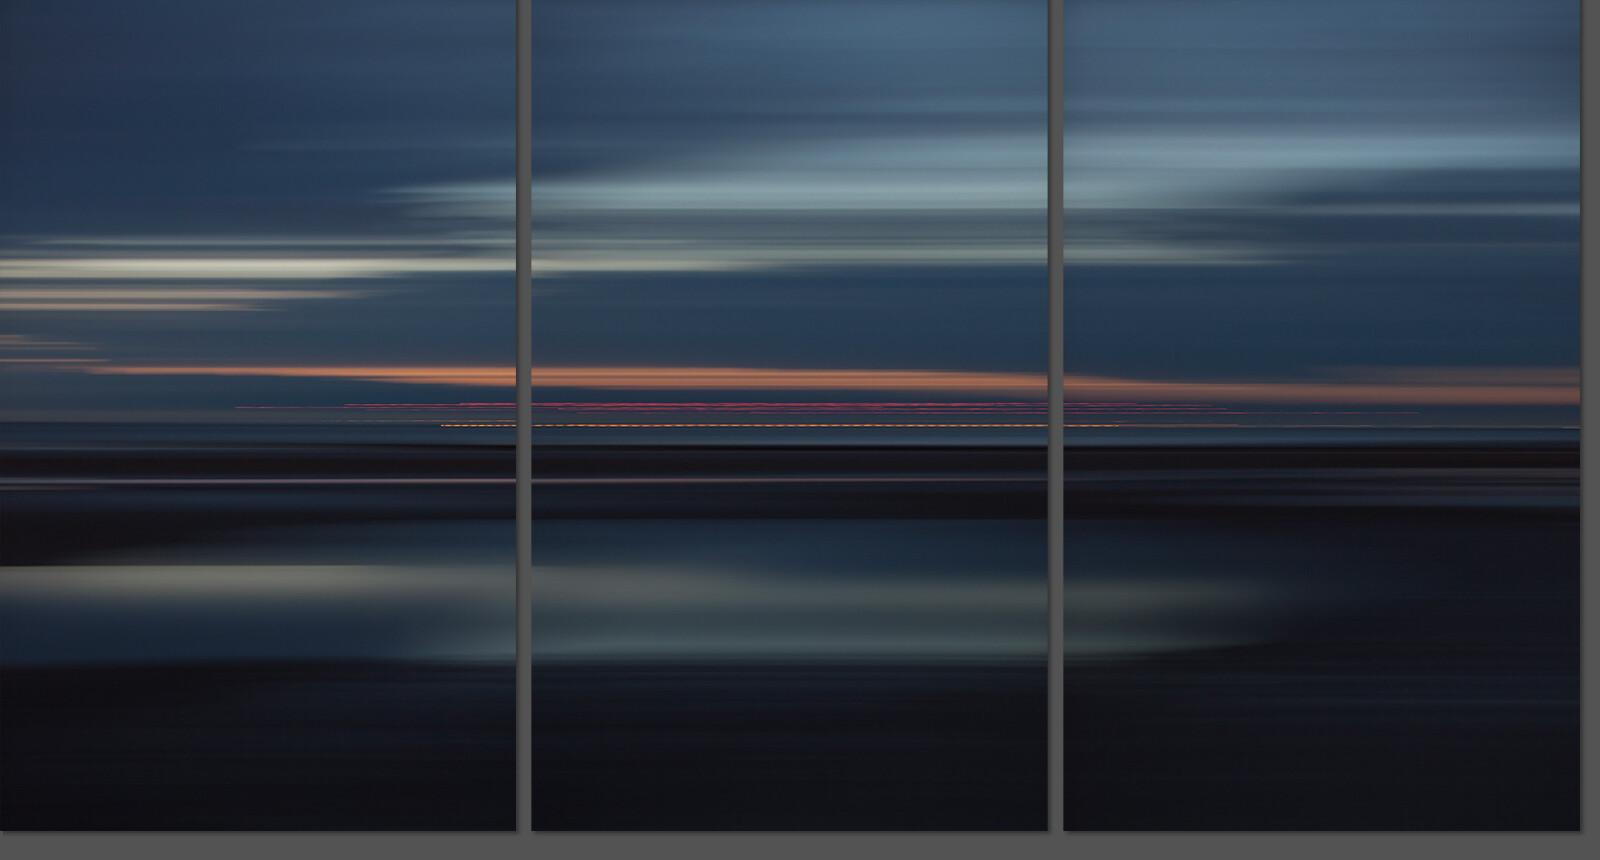 Across the Mersey - Josh Von Staudach